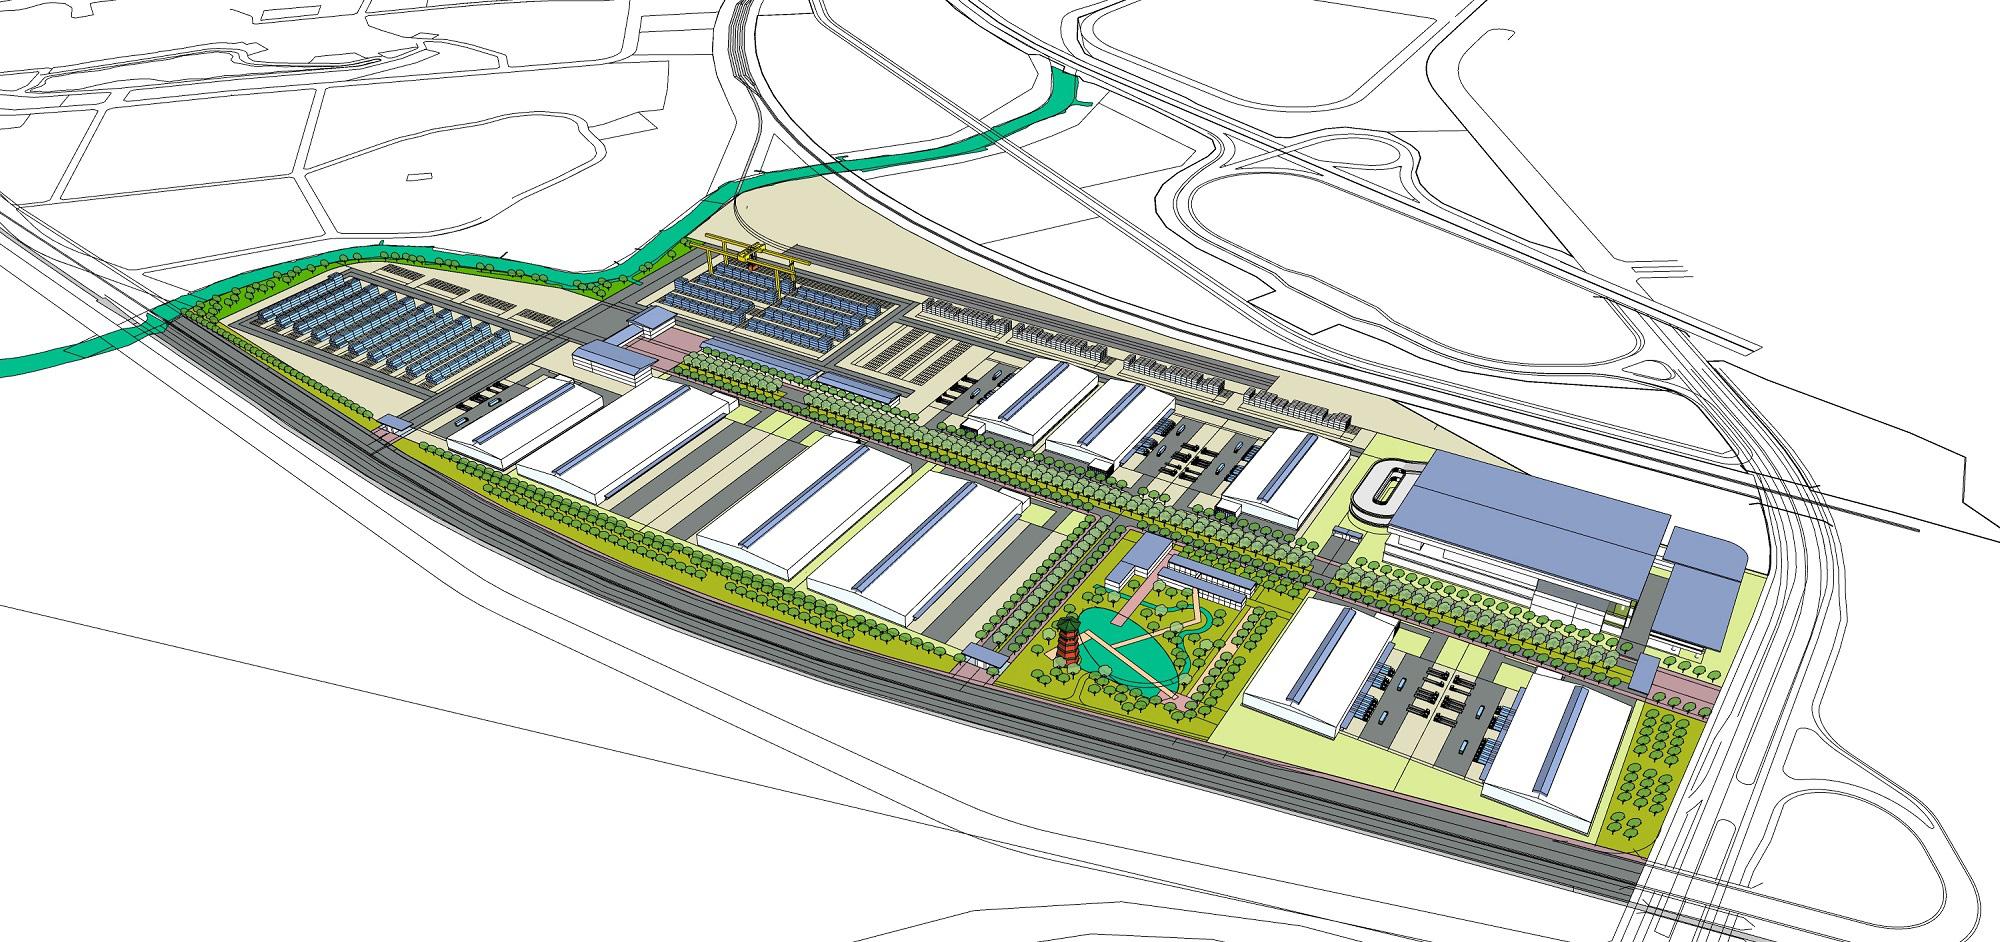 """Thủ tướng khởi động mạng lưới Logistics thông minh ASEAN với dự án đầu tiên """"Trung tâm Logistics ICD Vĩnh Phúc"""" - Ảnh 4."""